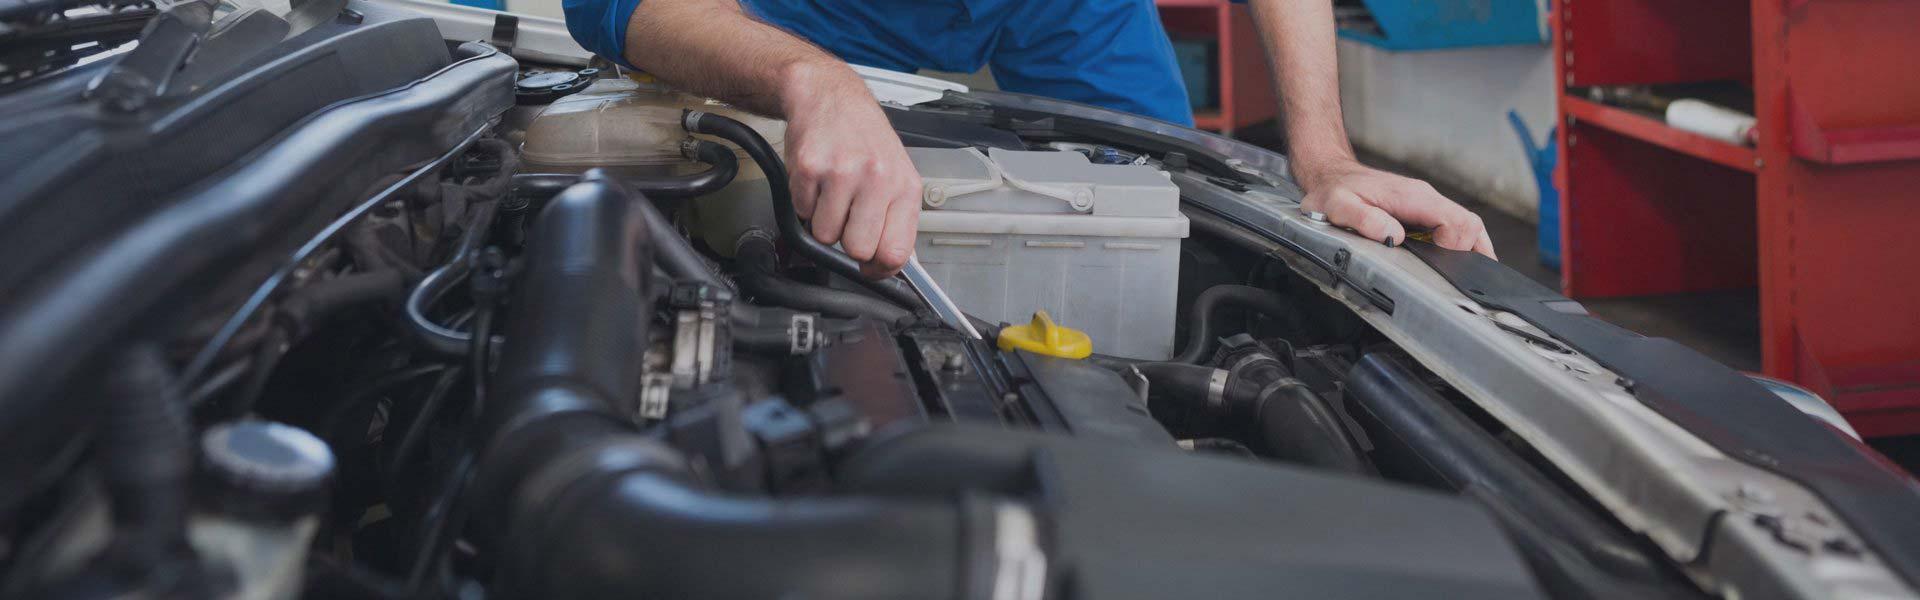 Clarks Auto Repair - Phoenixville Auto Repair